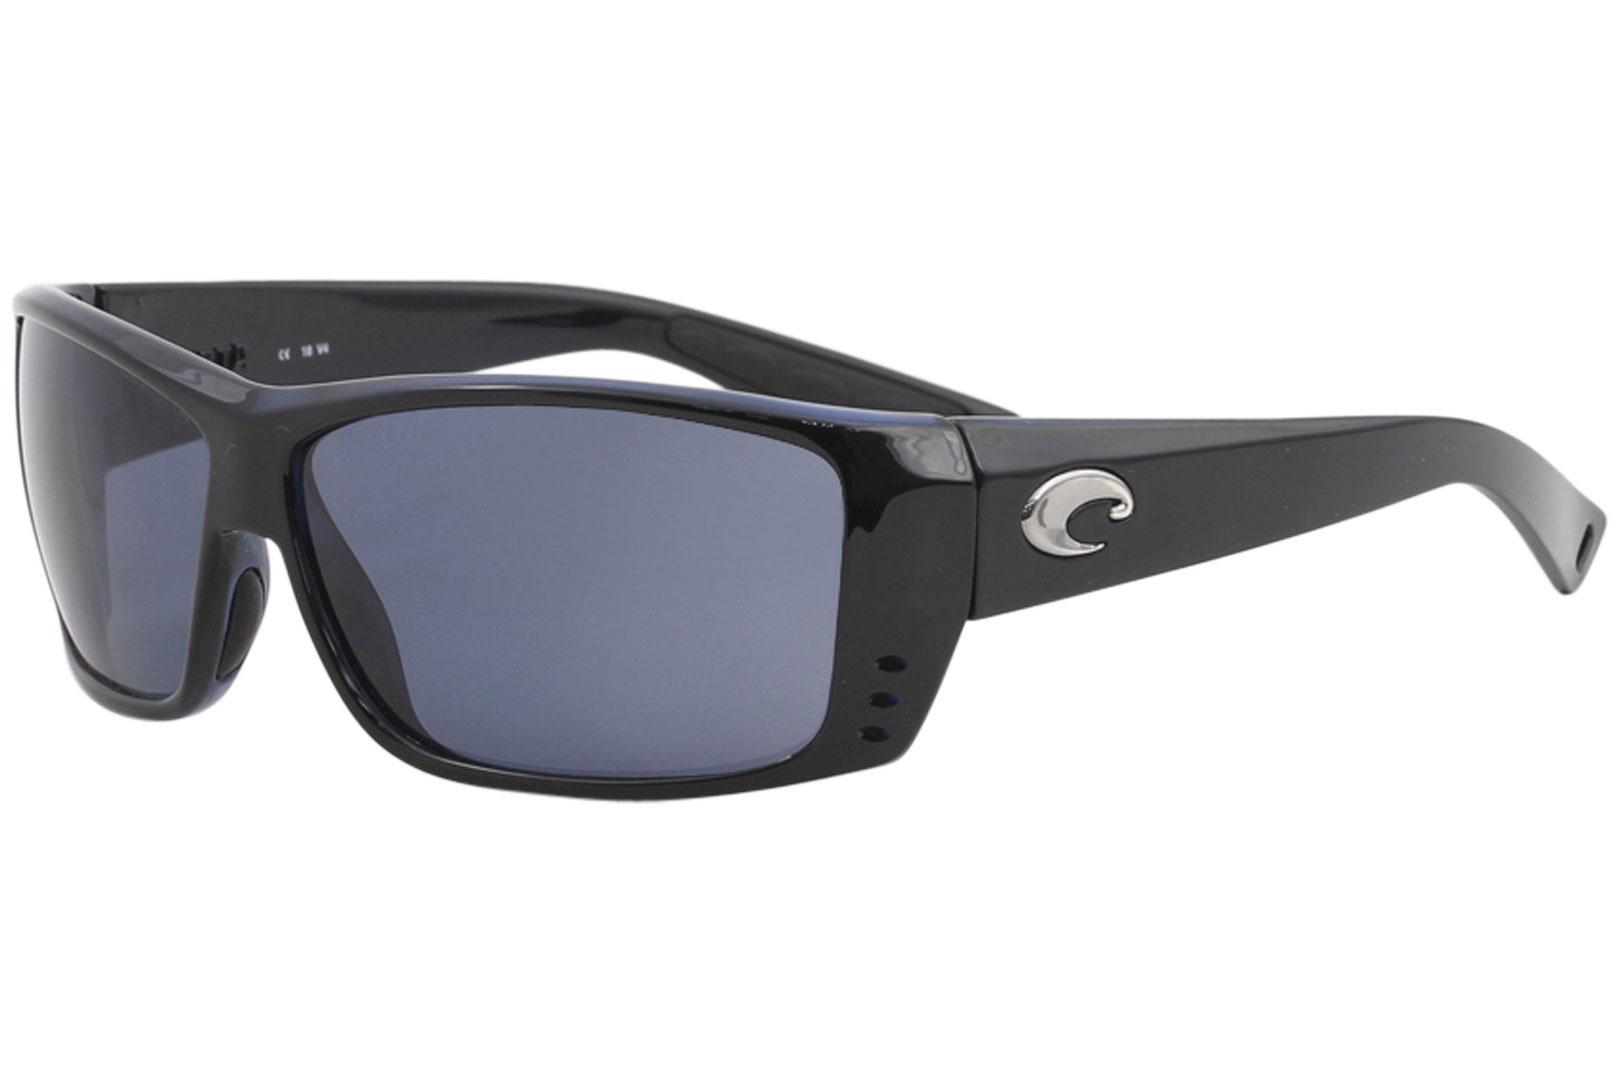 0a47ce7360 Costa Del Mar Men s Cat Cay Polarized Sunglasses